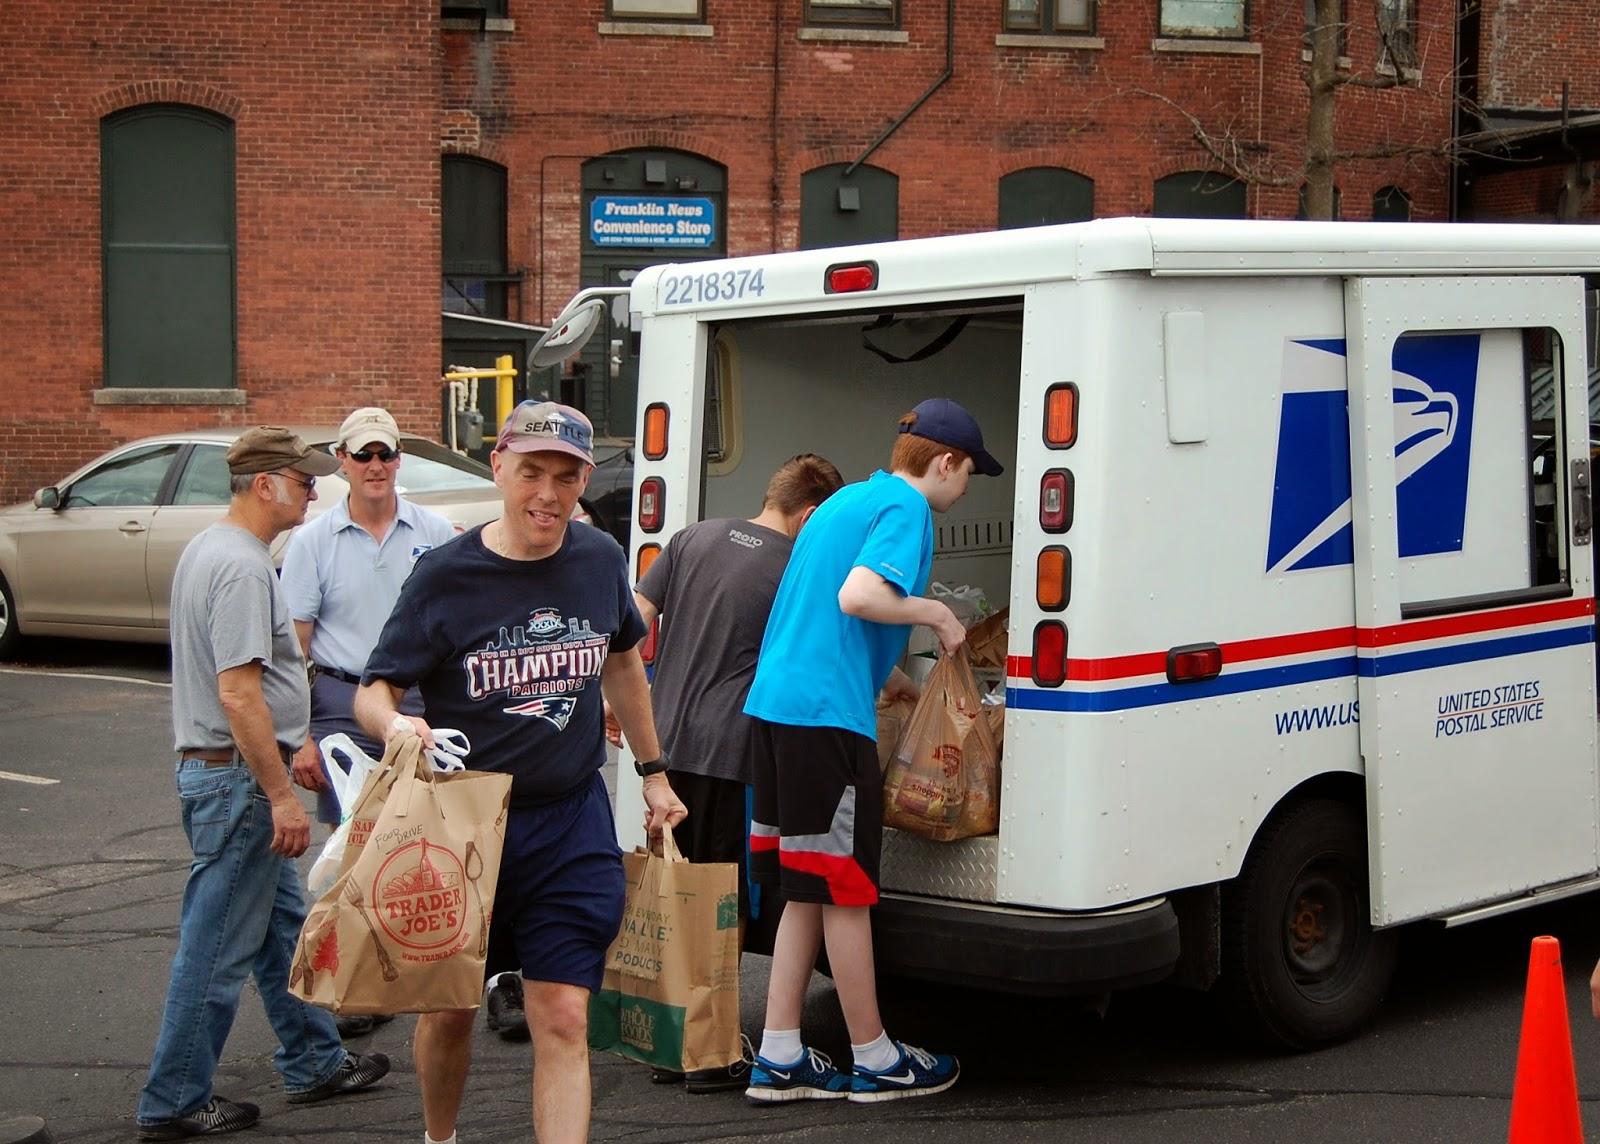 volunteers unloading the truck